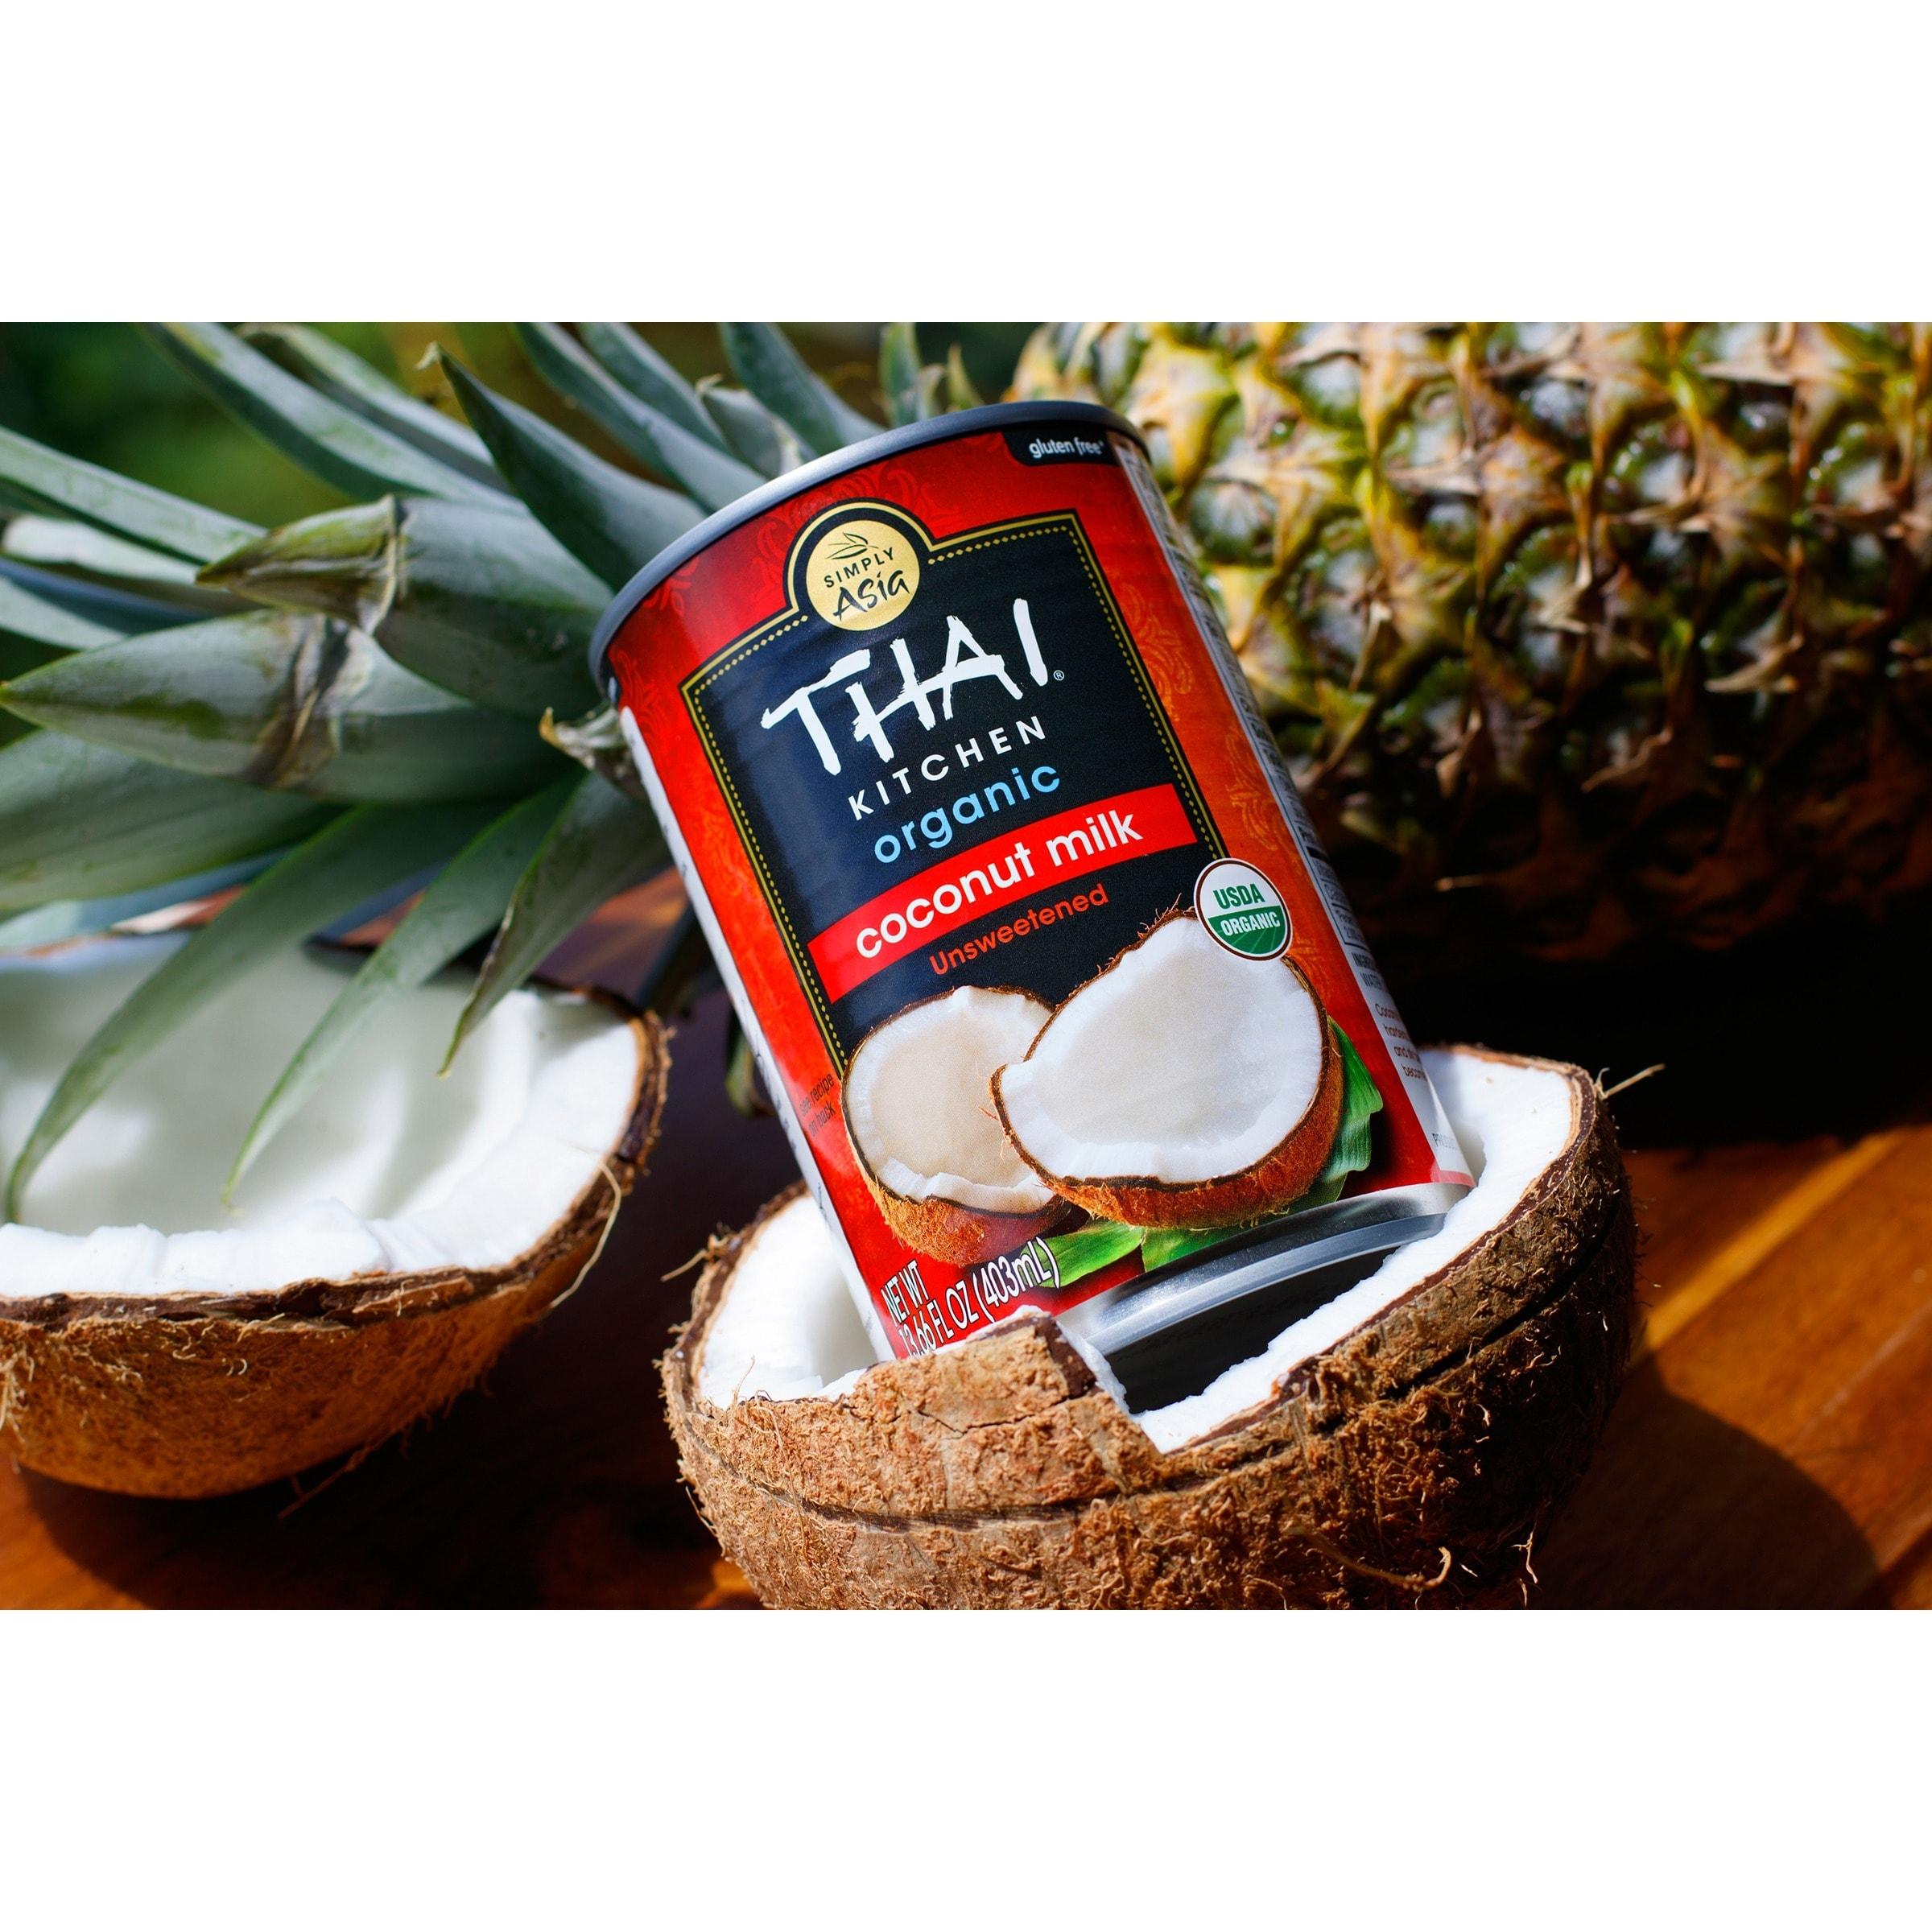 Pleasing Thai Kitchen Coconut Milk Case Of 12 13 66 Fl Oz Interior Design Ideas Clesiryabchikinfo